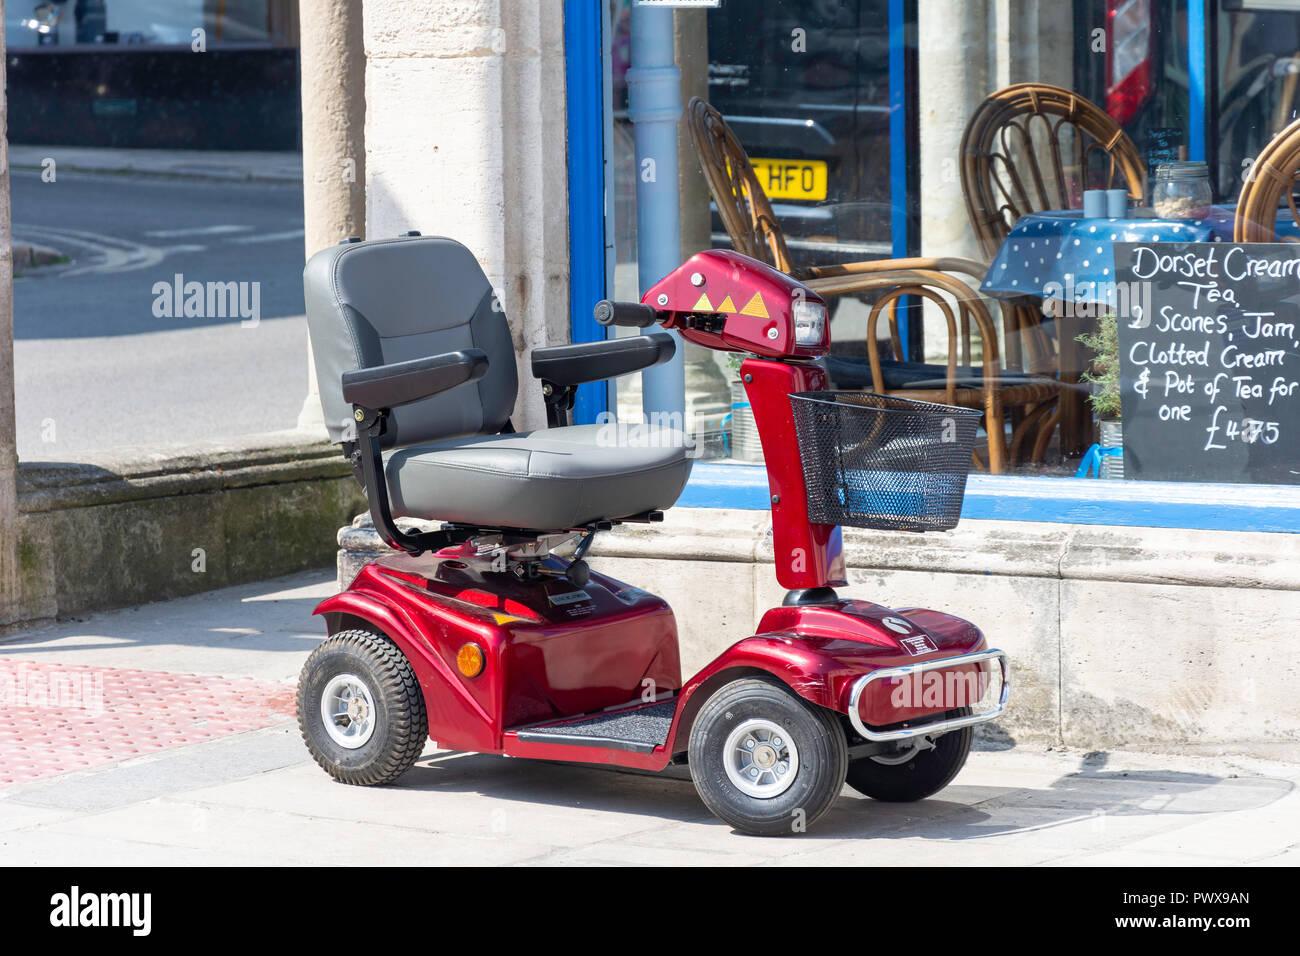 Mobilità scooter parcheggiate fuori cafe, High Street, Swanage, Isle of Purbeck, Dorset, England, Regno Unito Immagini Stock